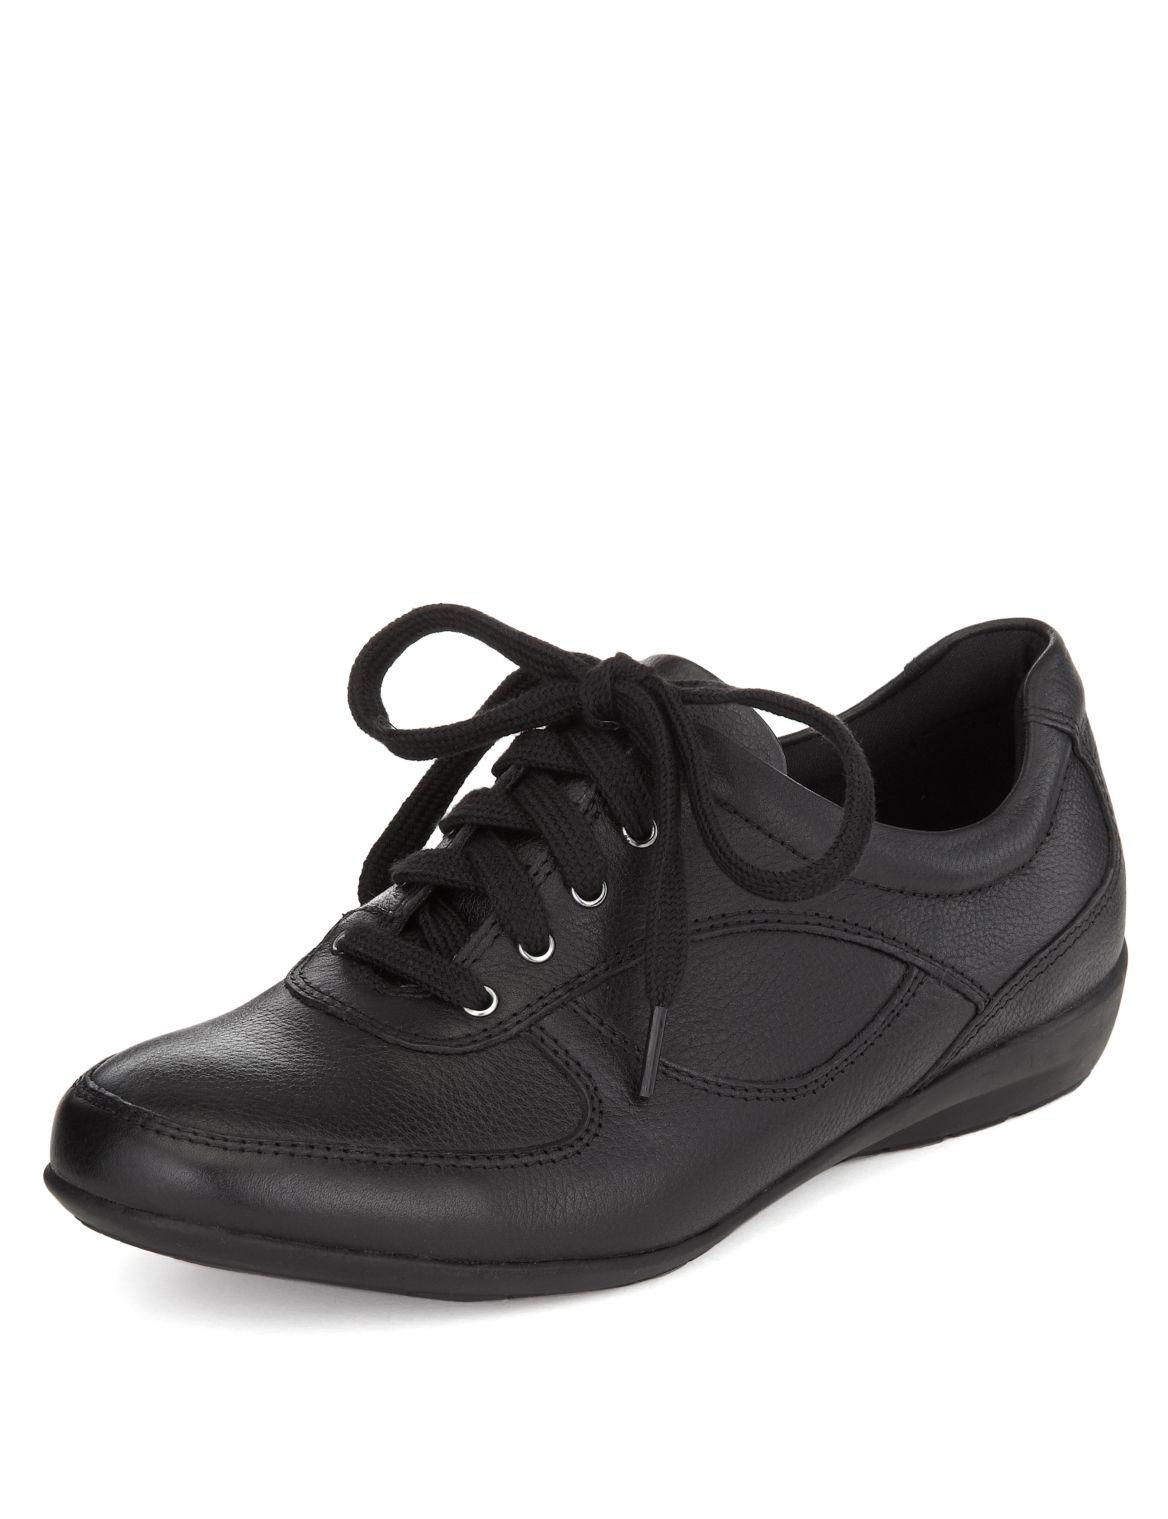 Mujer Zapatos y botas Cuñas